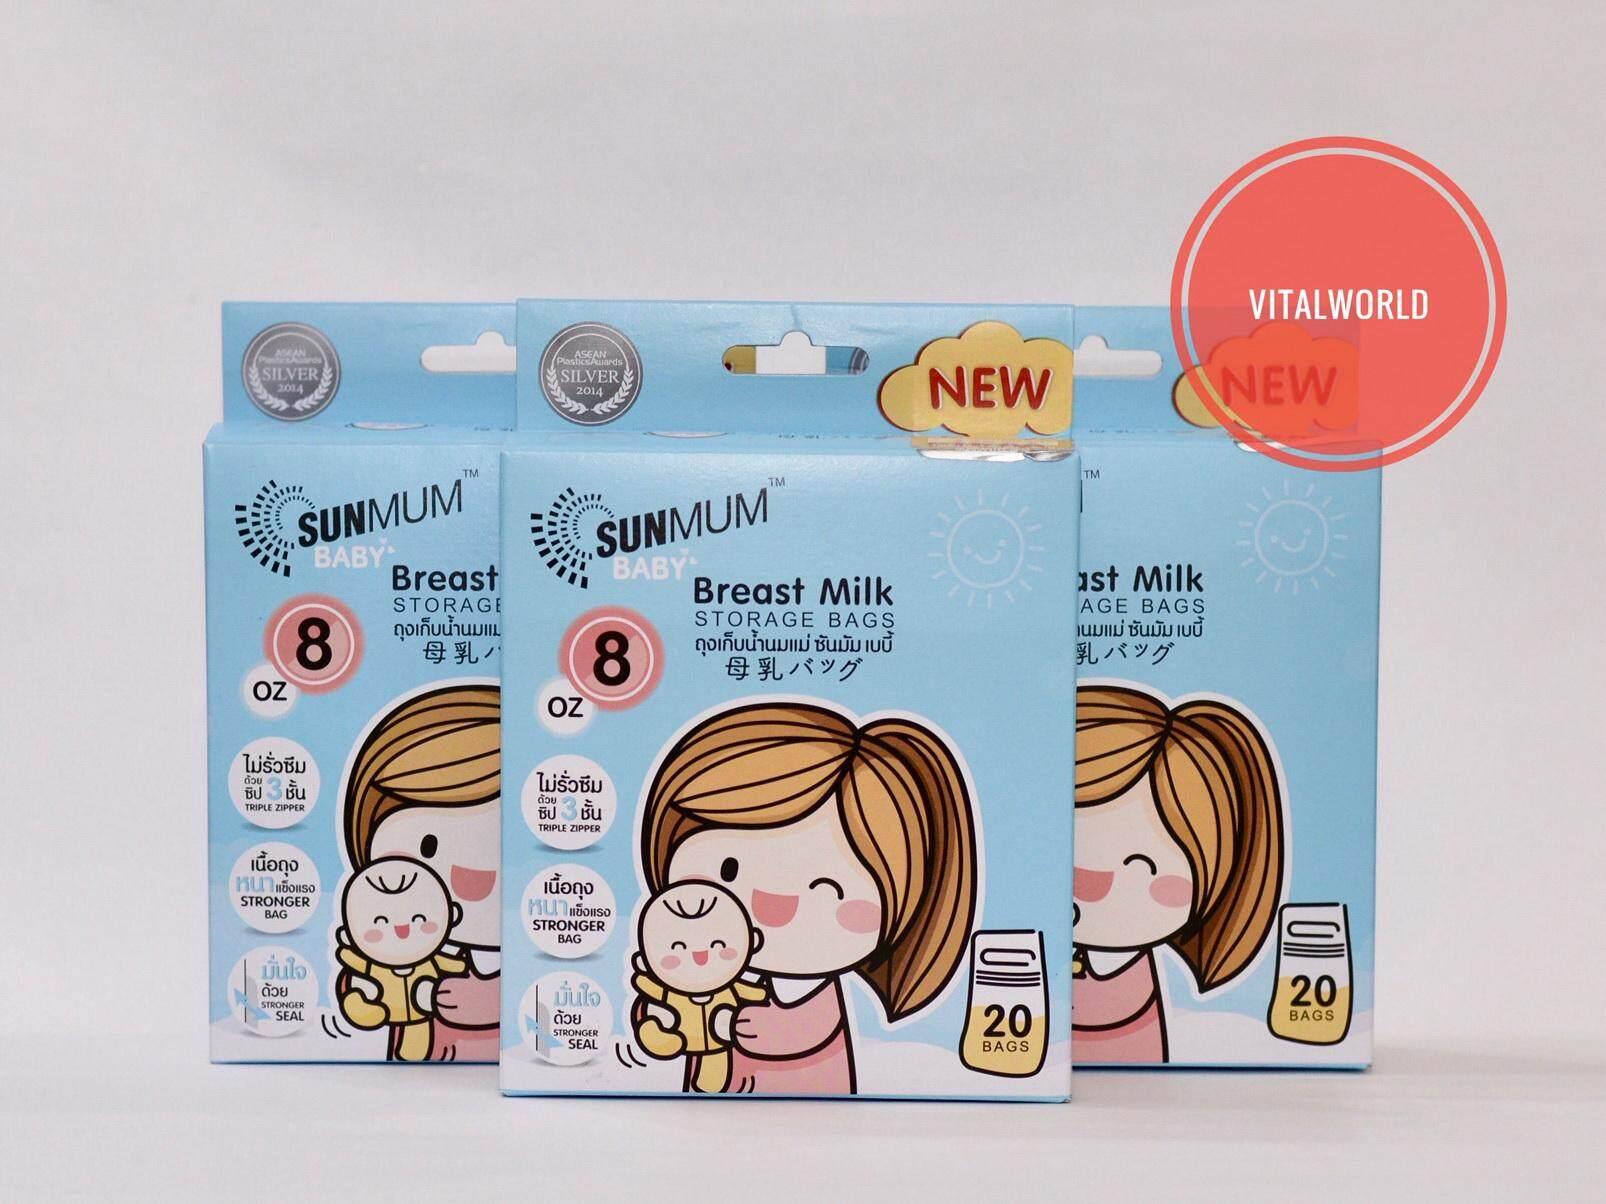 ราคา SUNMUM Breast Milk Storage bags (20 bags x 3 packs) ถุงเก็บน้ำนมแม่ทานตะวัน (20 ถุง จำนวน 3 กล่อง)